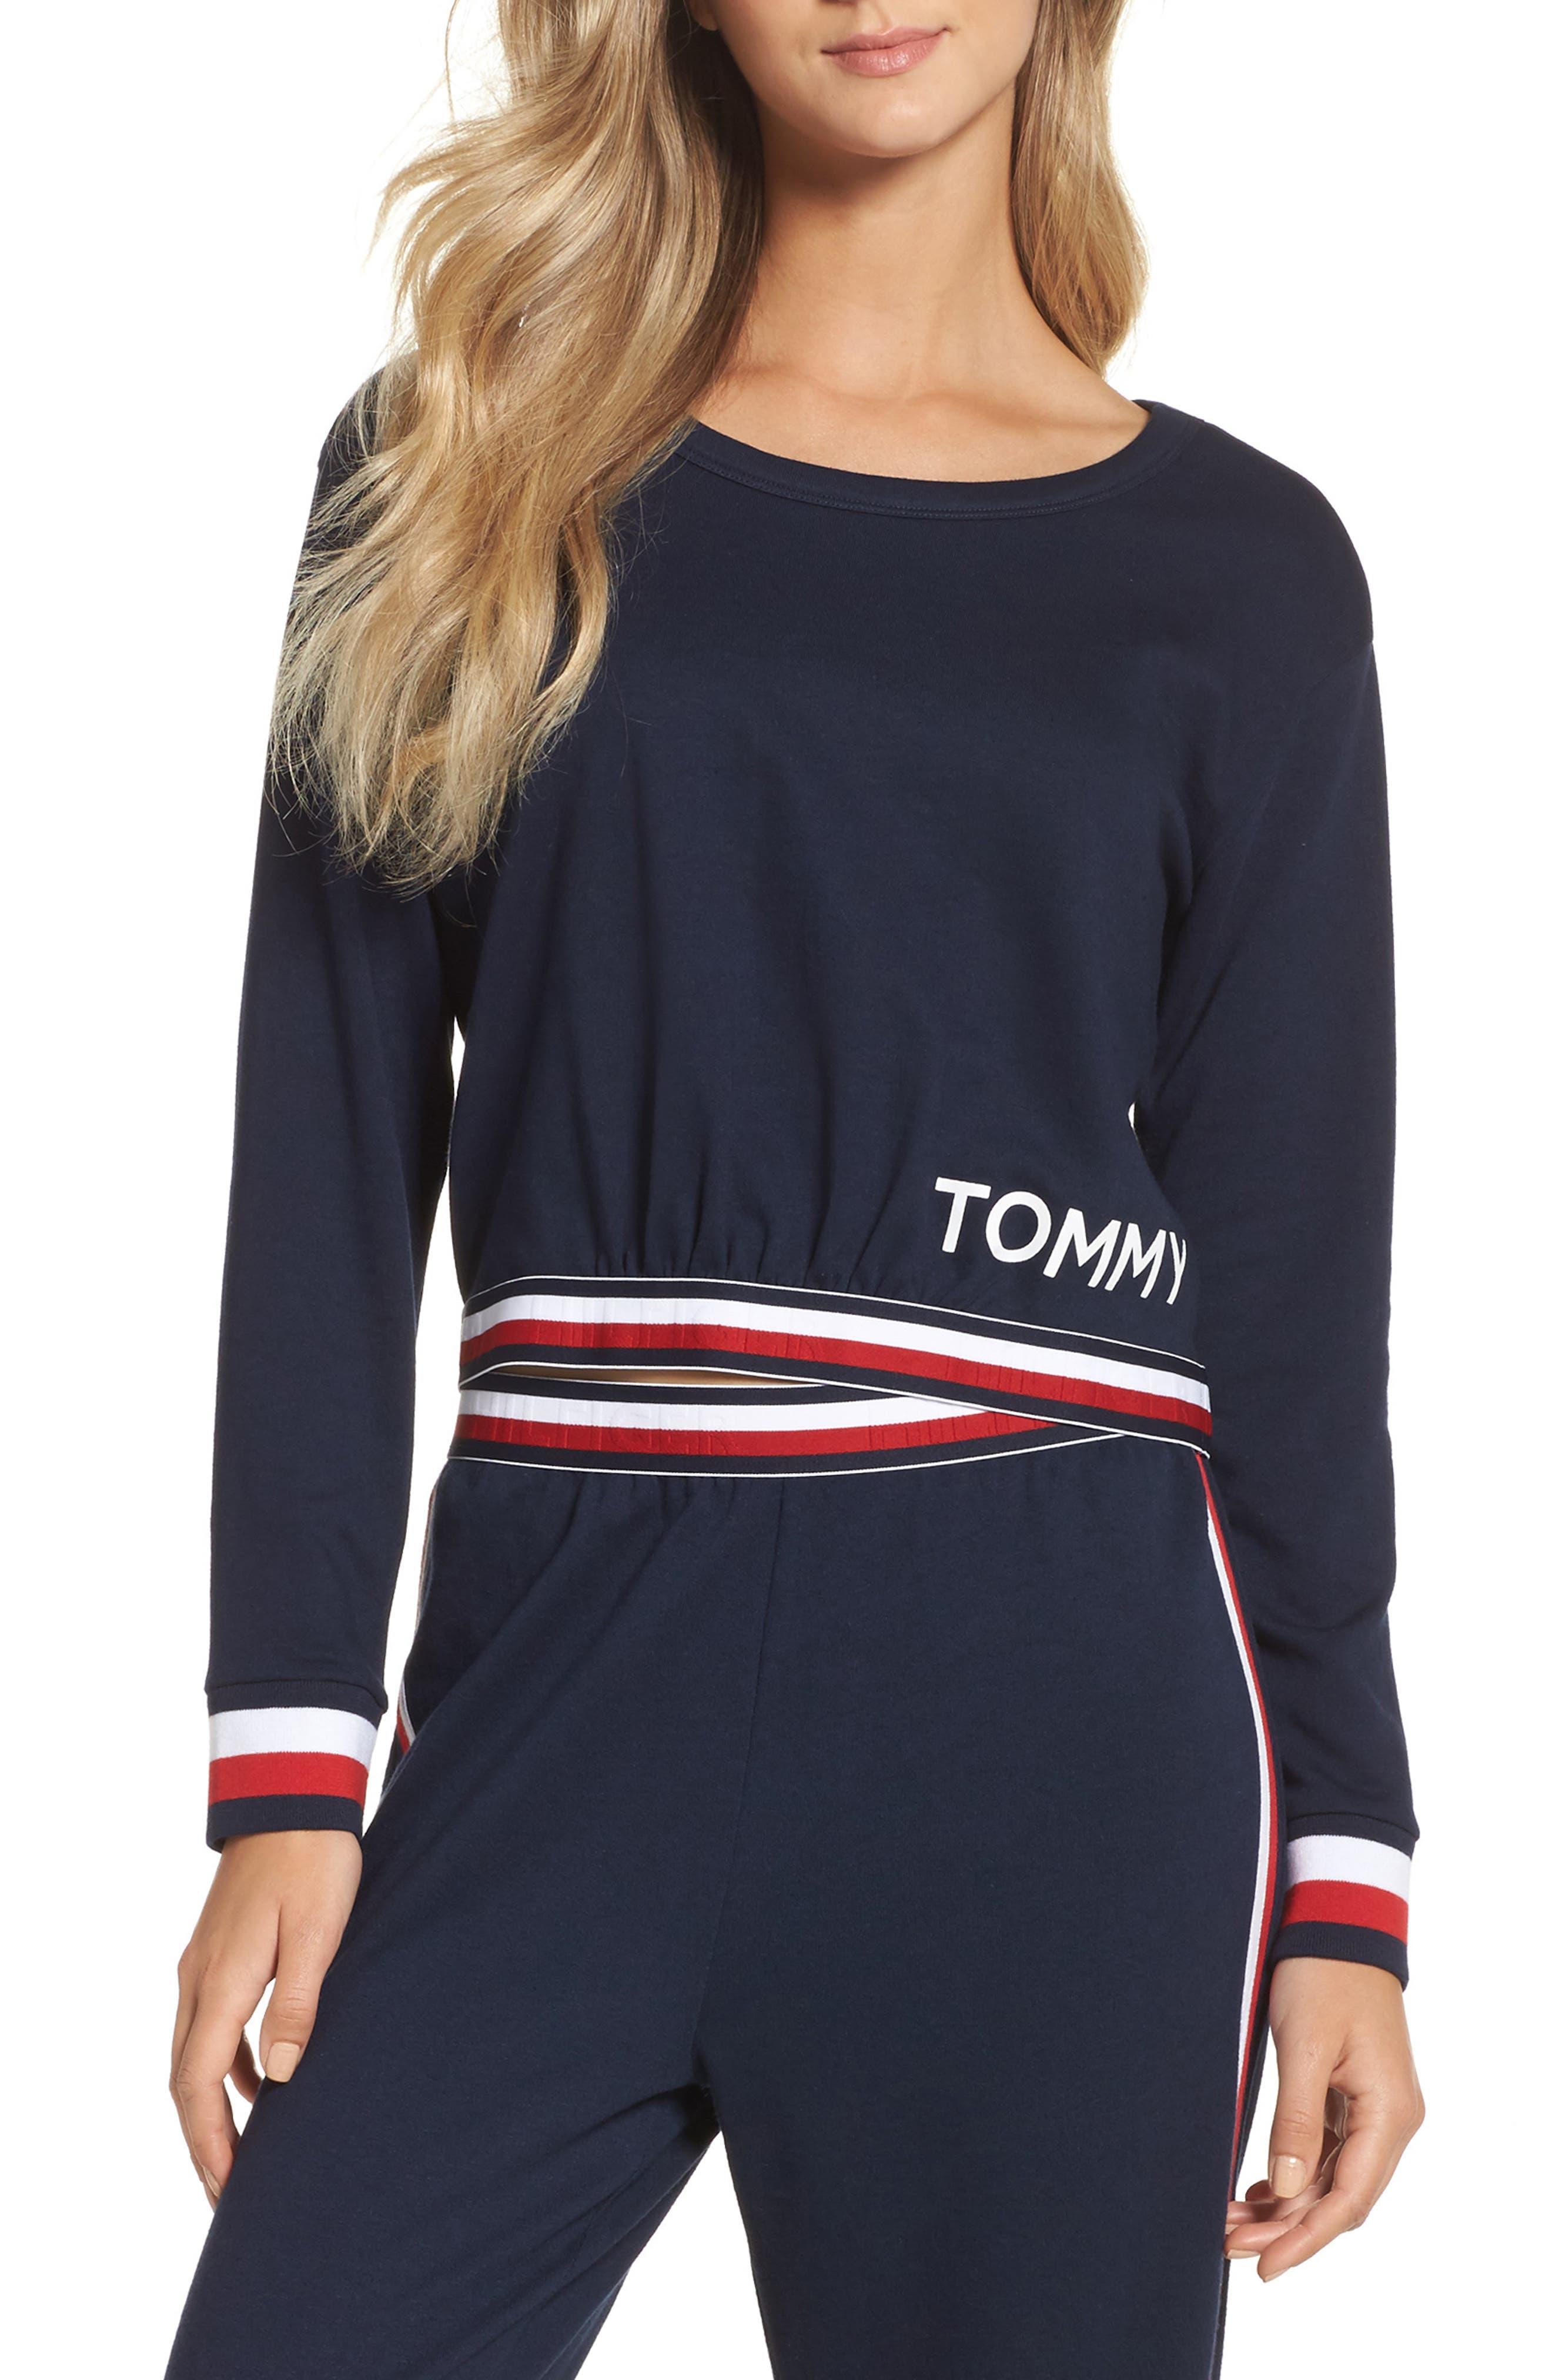 Tommy Hilfiger Crop Sweatshirt